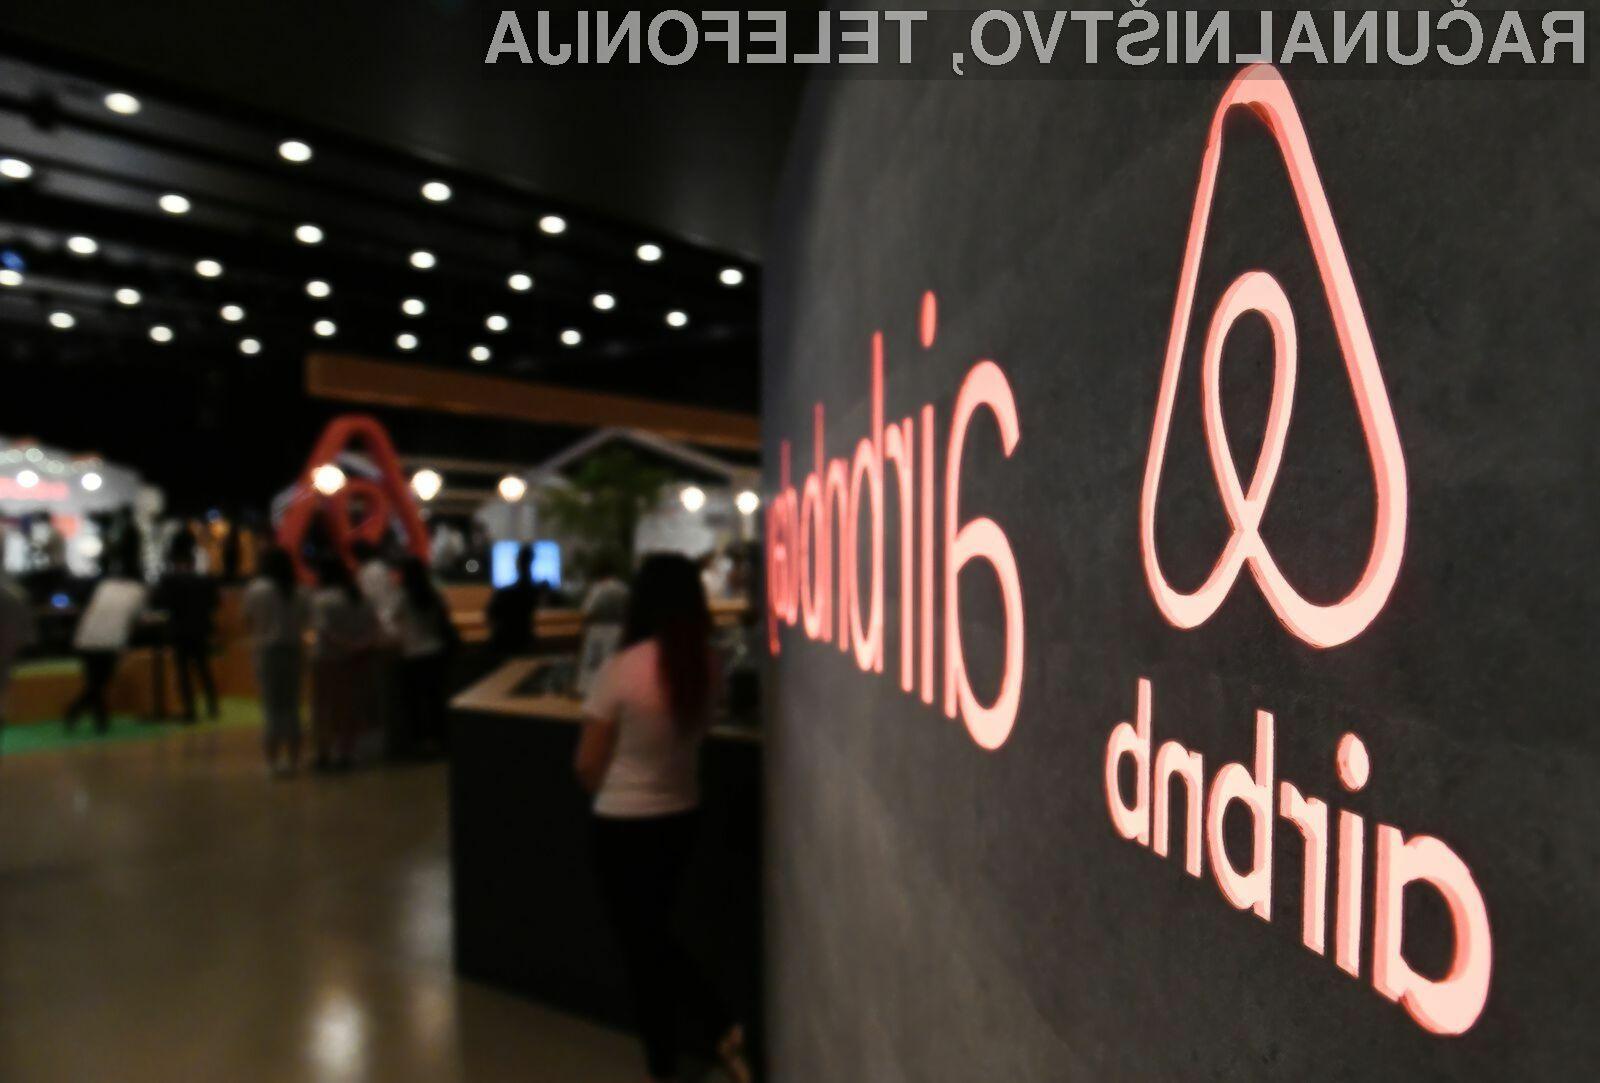 Ko bomo odslej preko spletne tržnice Airbnb iskali ponudbo za nastanitev, bomo takoj videli skupne stroške na strani z rezultati.